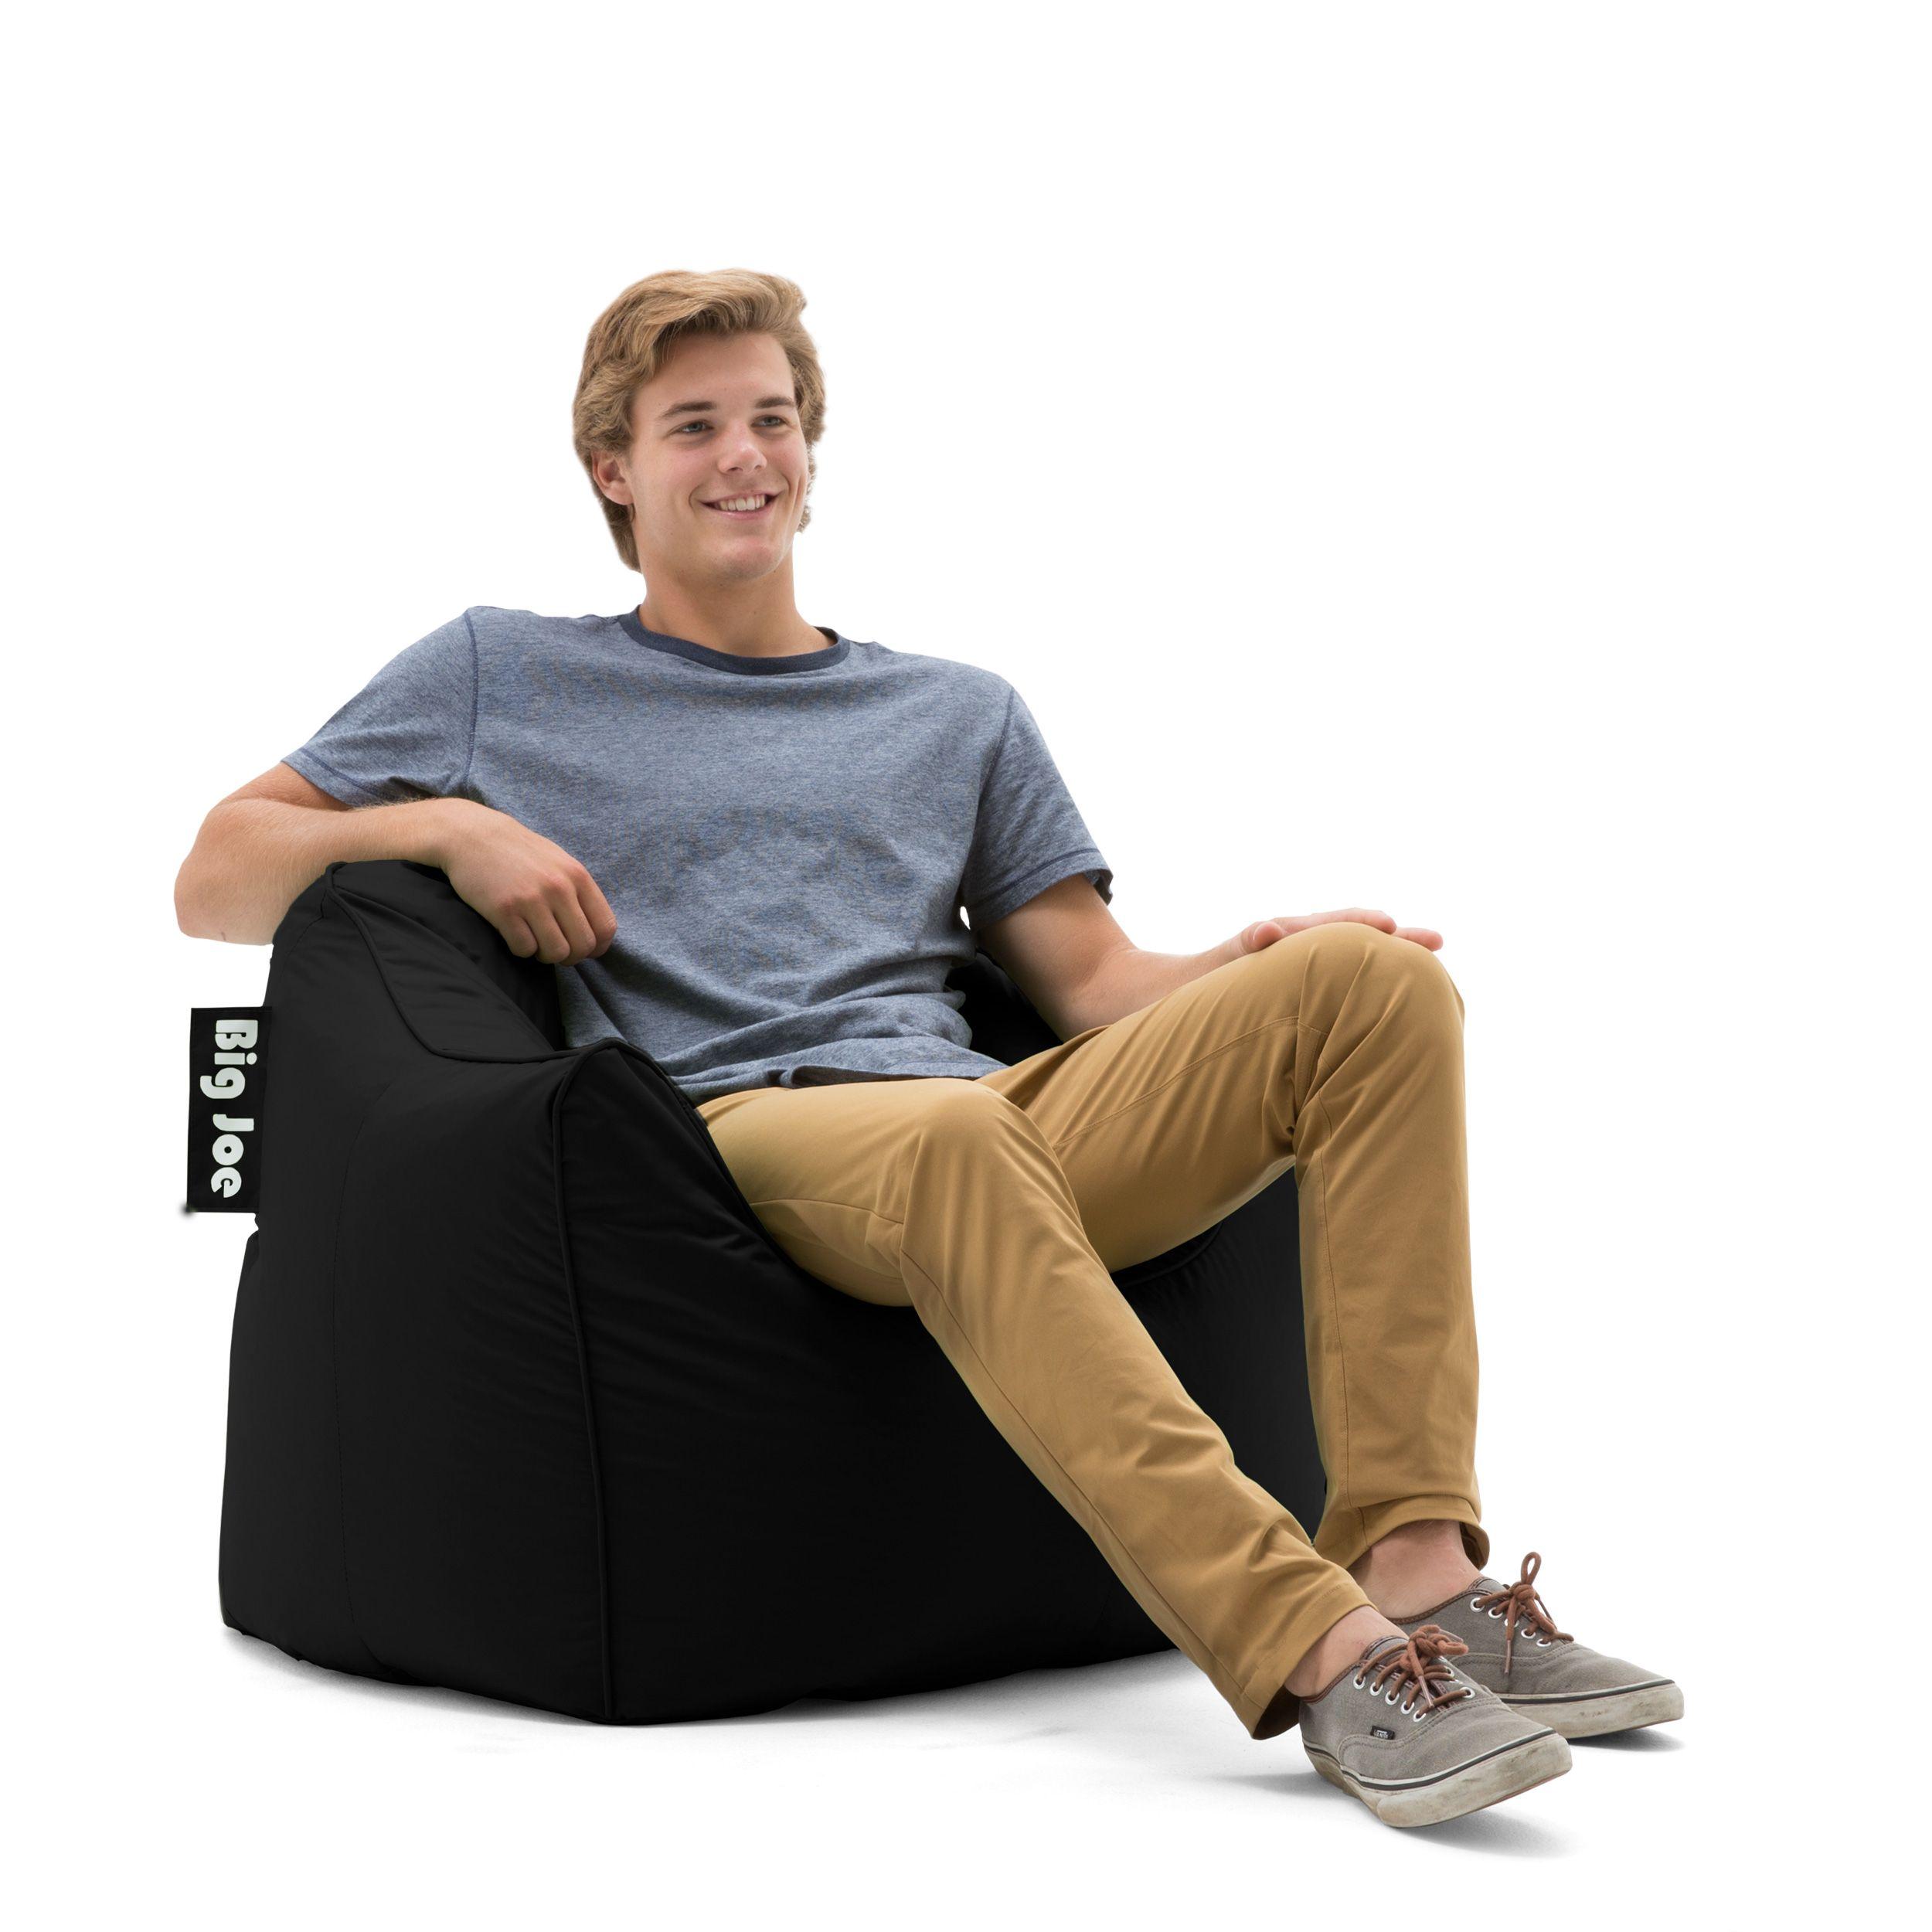 Home Bean bag chair, Bean bag, Hug